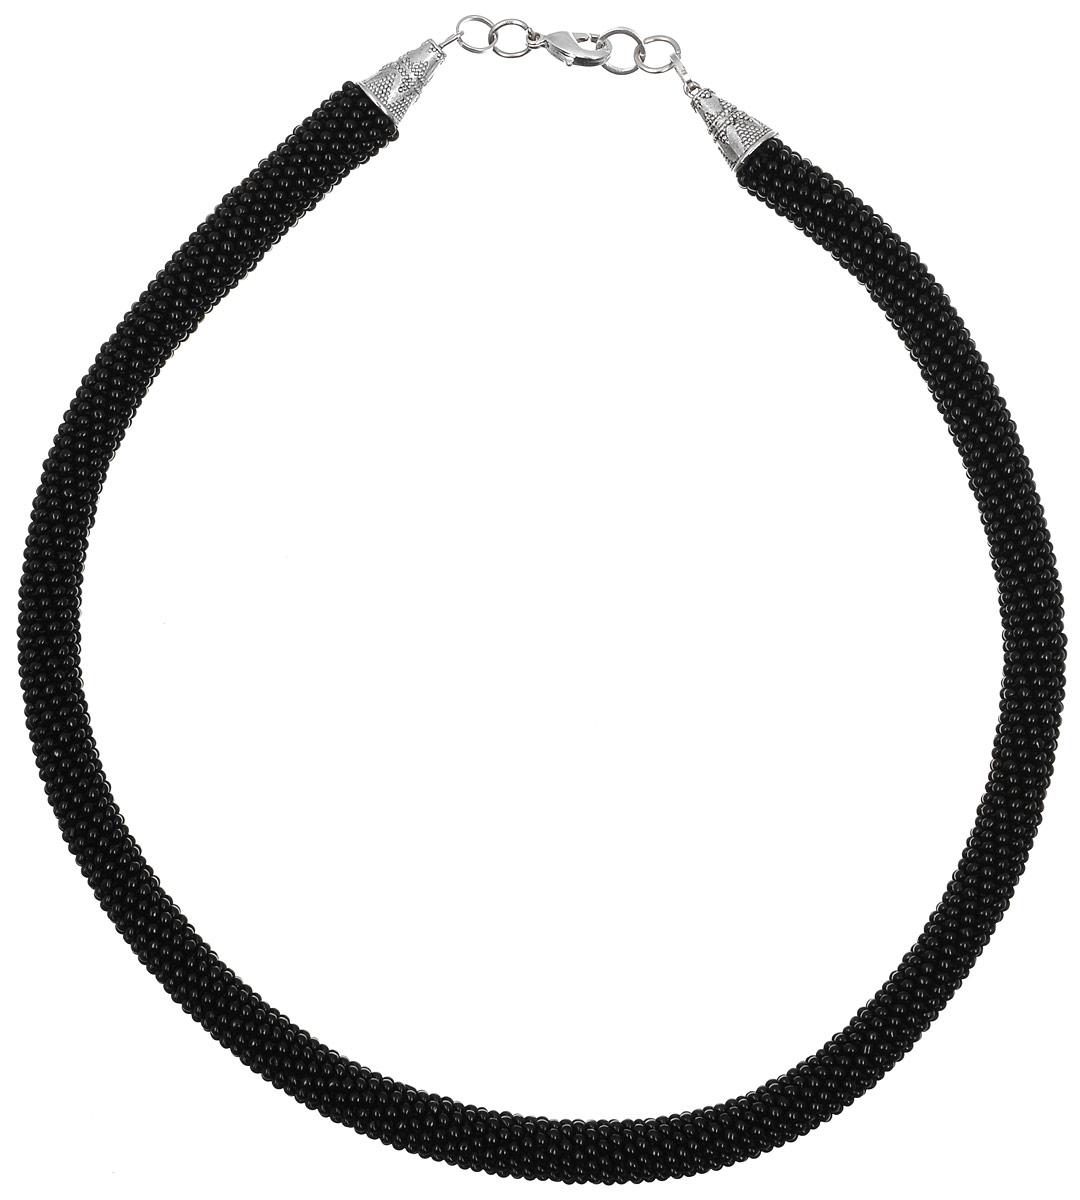 Колье-жгут Color Beads (бисер), цвет: черный. Ручная авторская работа. СВ23980bСВ23980bКолье-жгут Color Beads ручной работы изготовлен из пластика и текстиля. Изделие связано из бисера и застегивается с помощью замка- карабина.